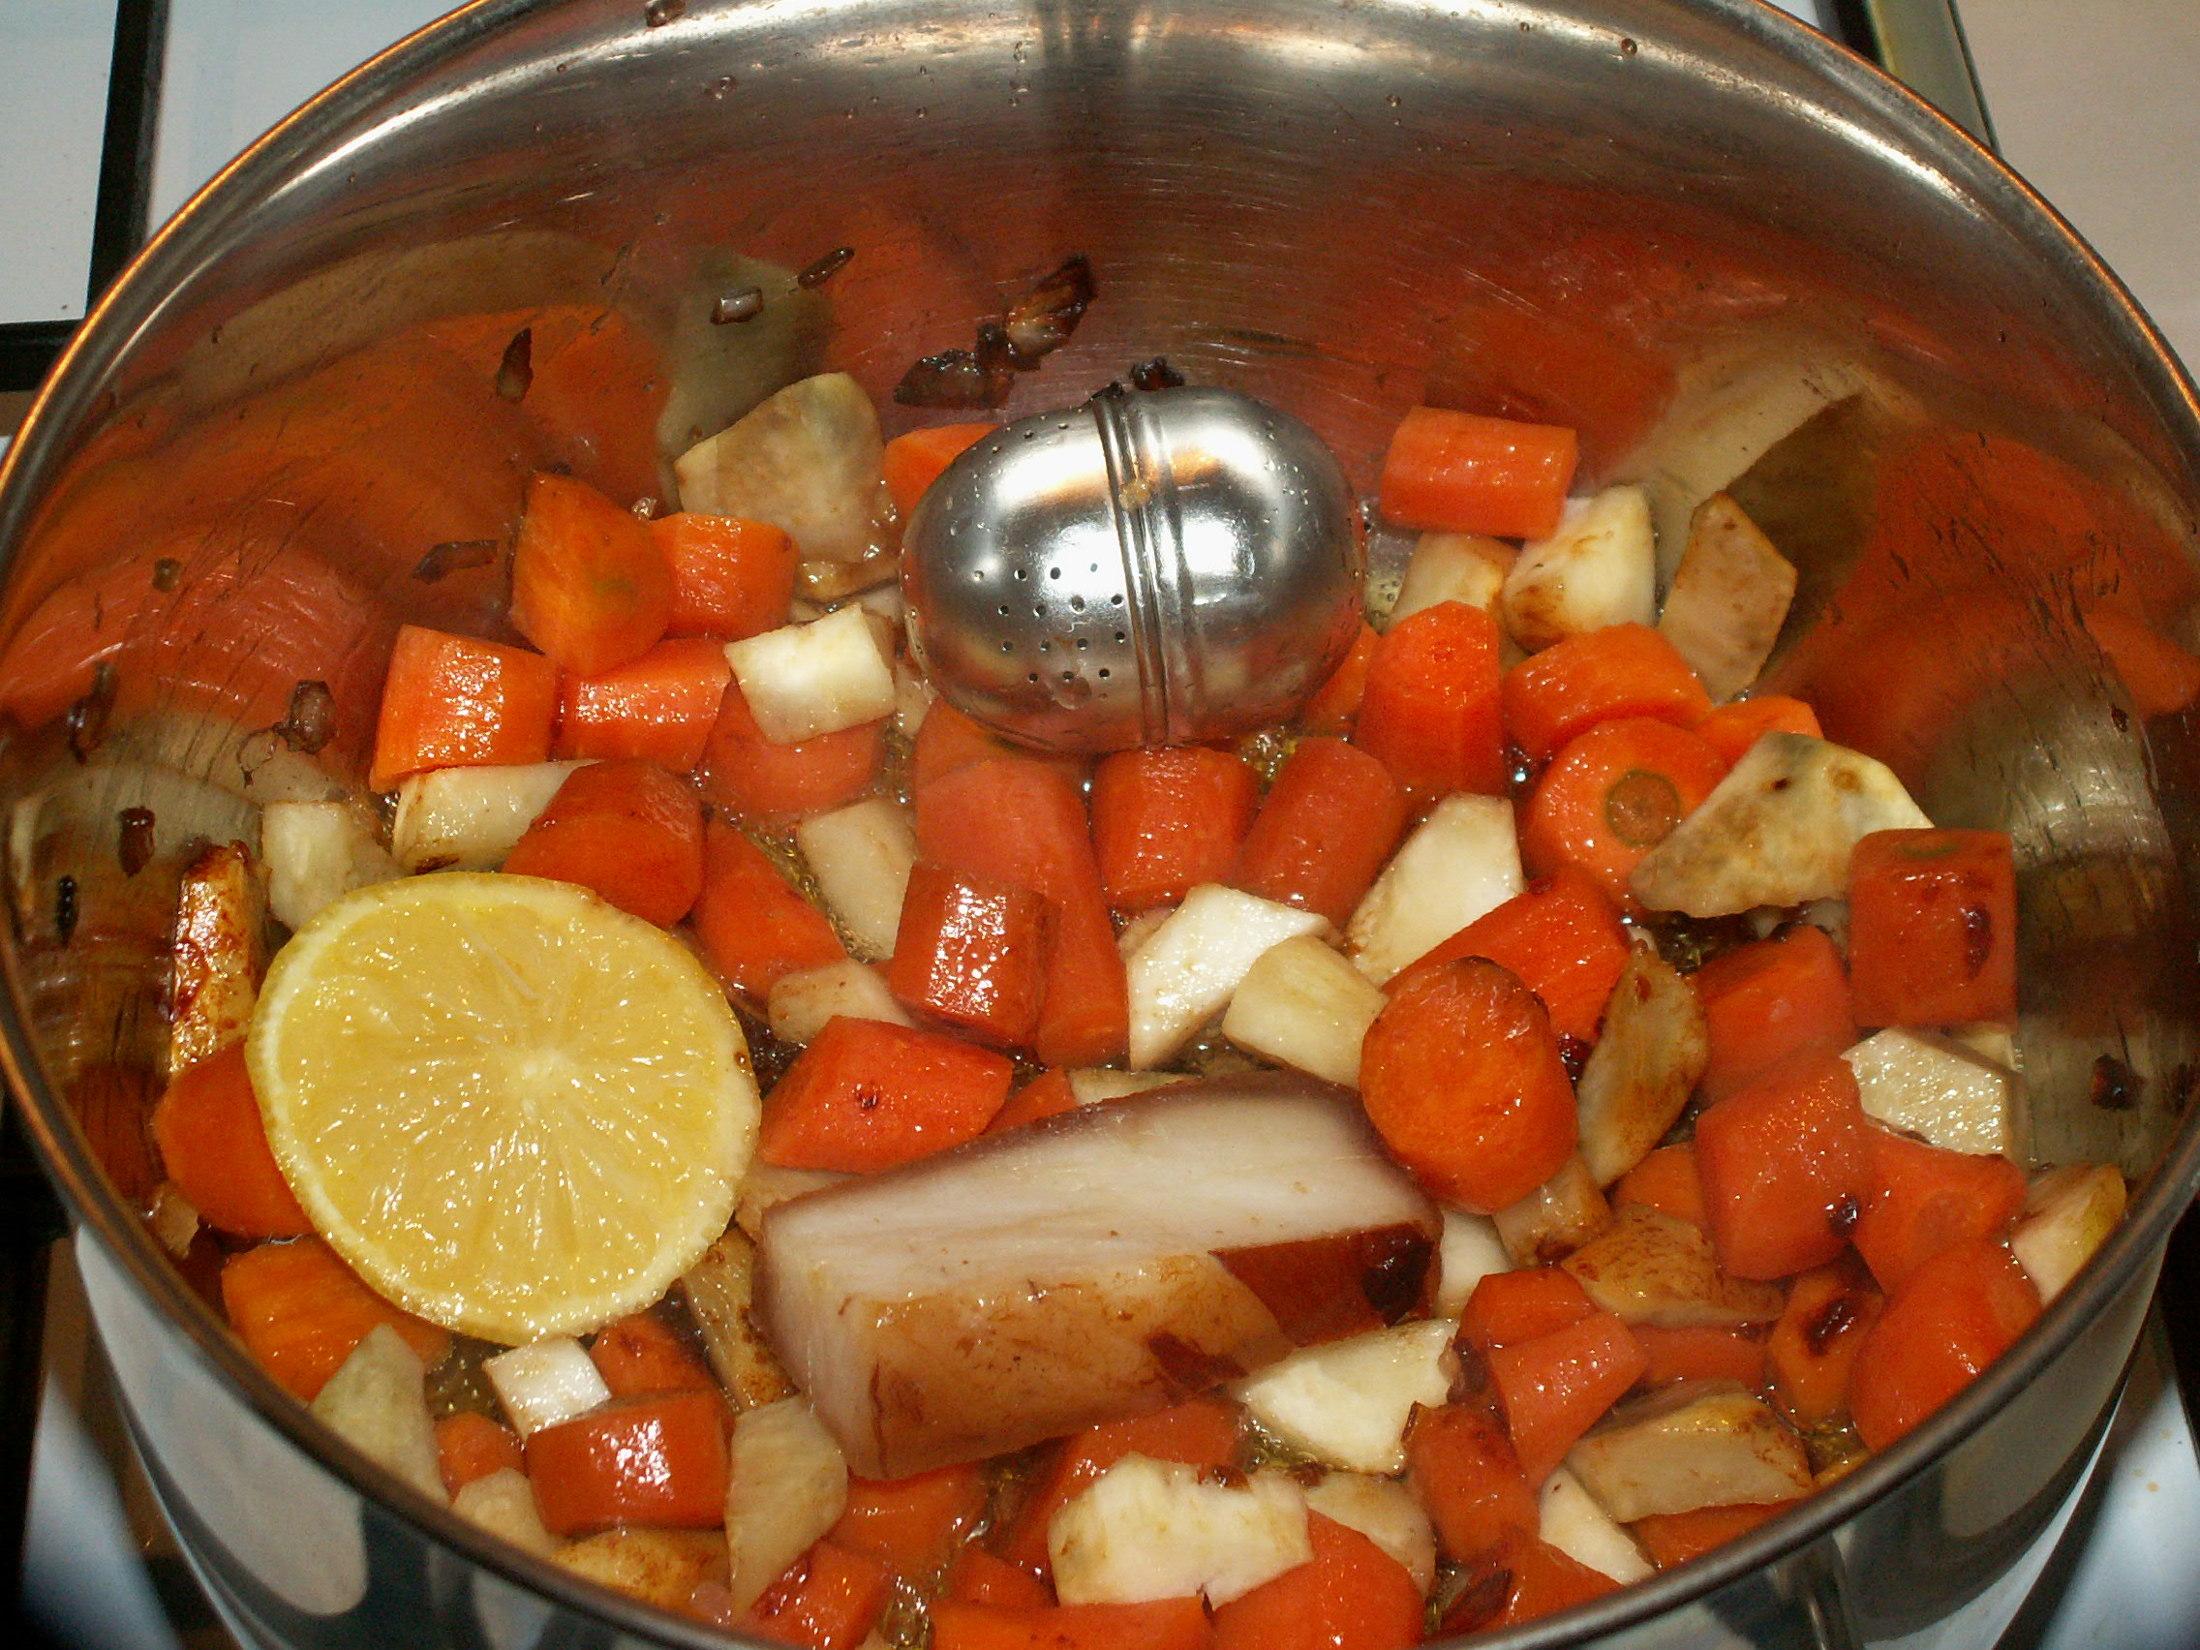 Recept Svíčková omáčka na smetaně - Slaninu jsem si orestovala se zeleninou. Maso jsem neprošpekovávala.